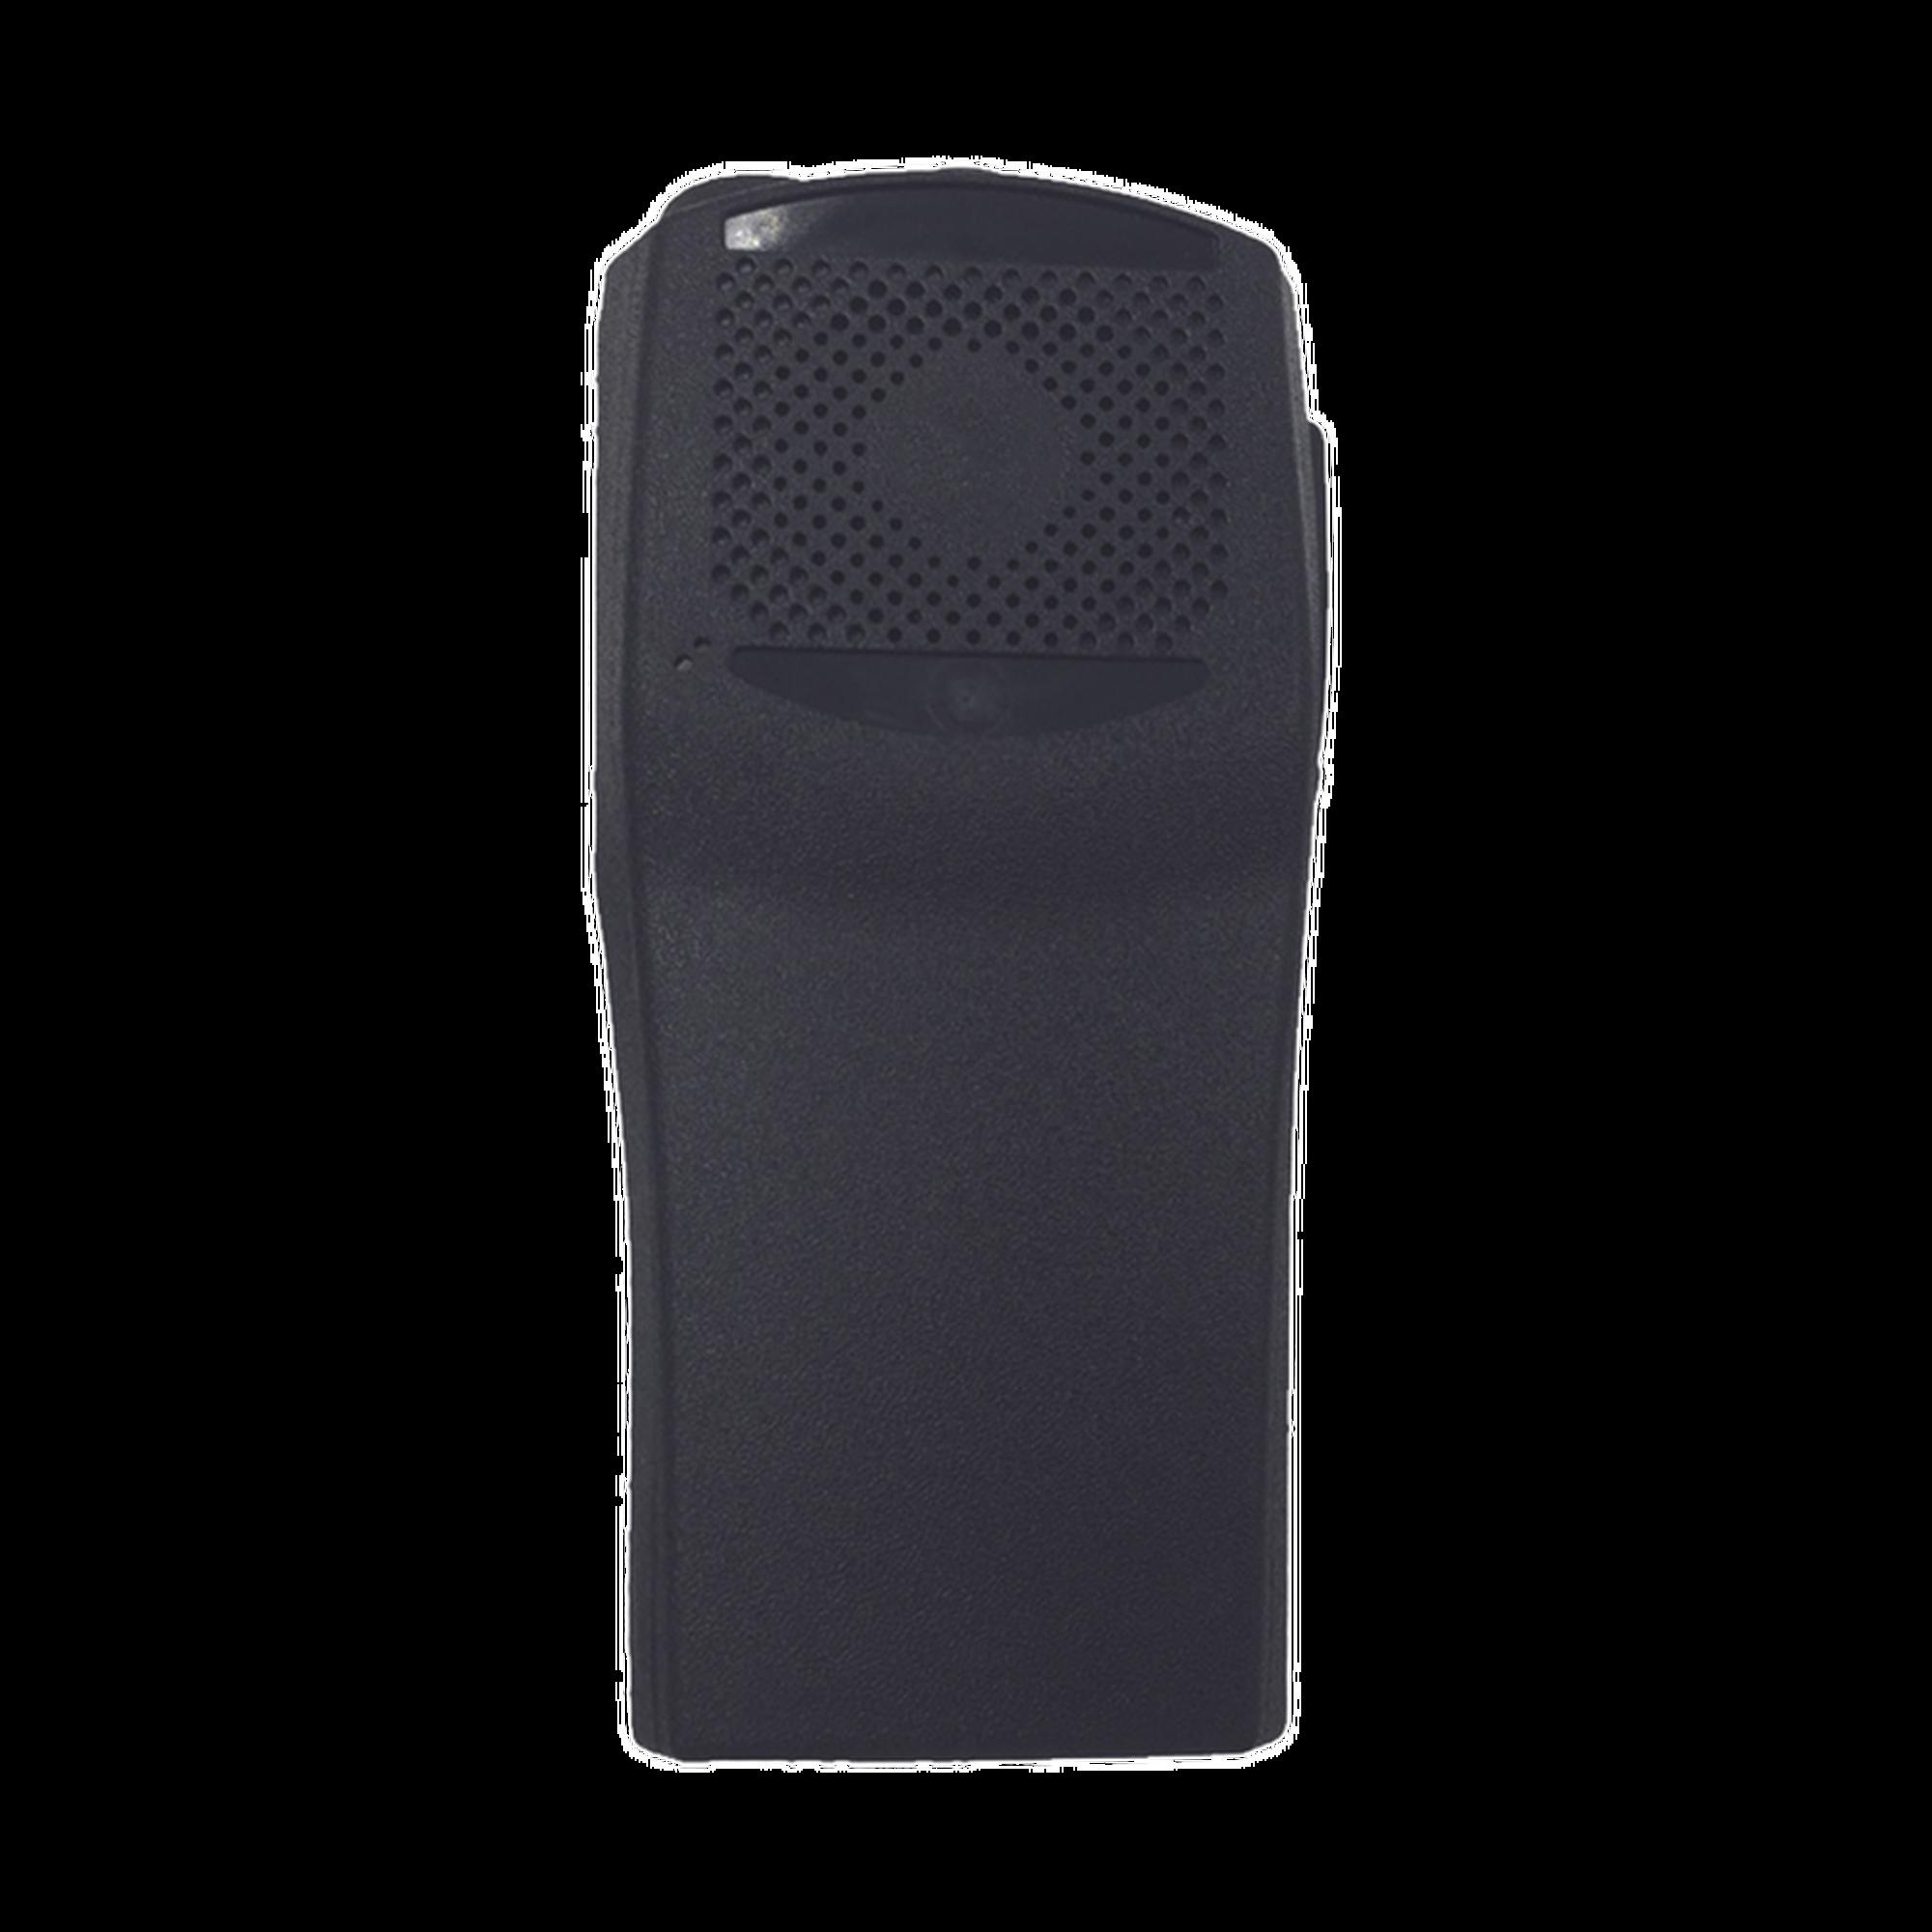 Carcasa de plástico para Radio Motorola EP450